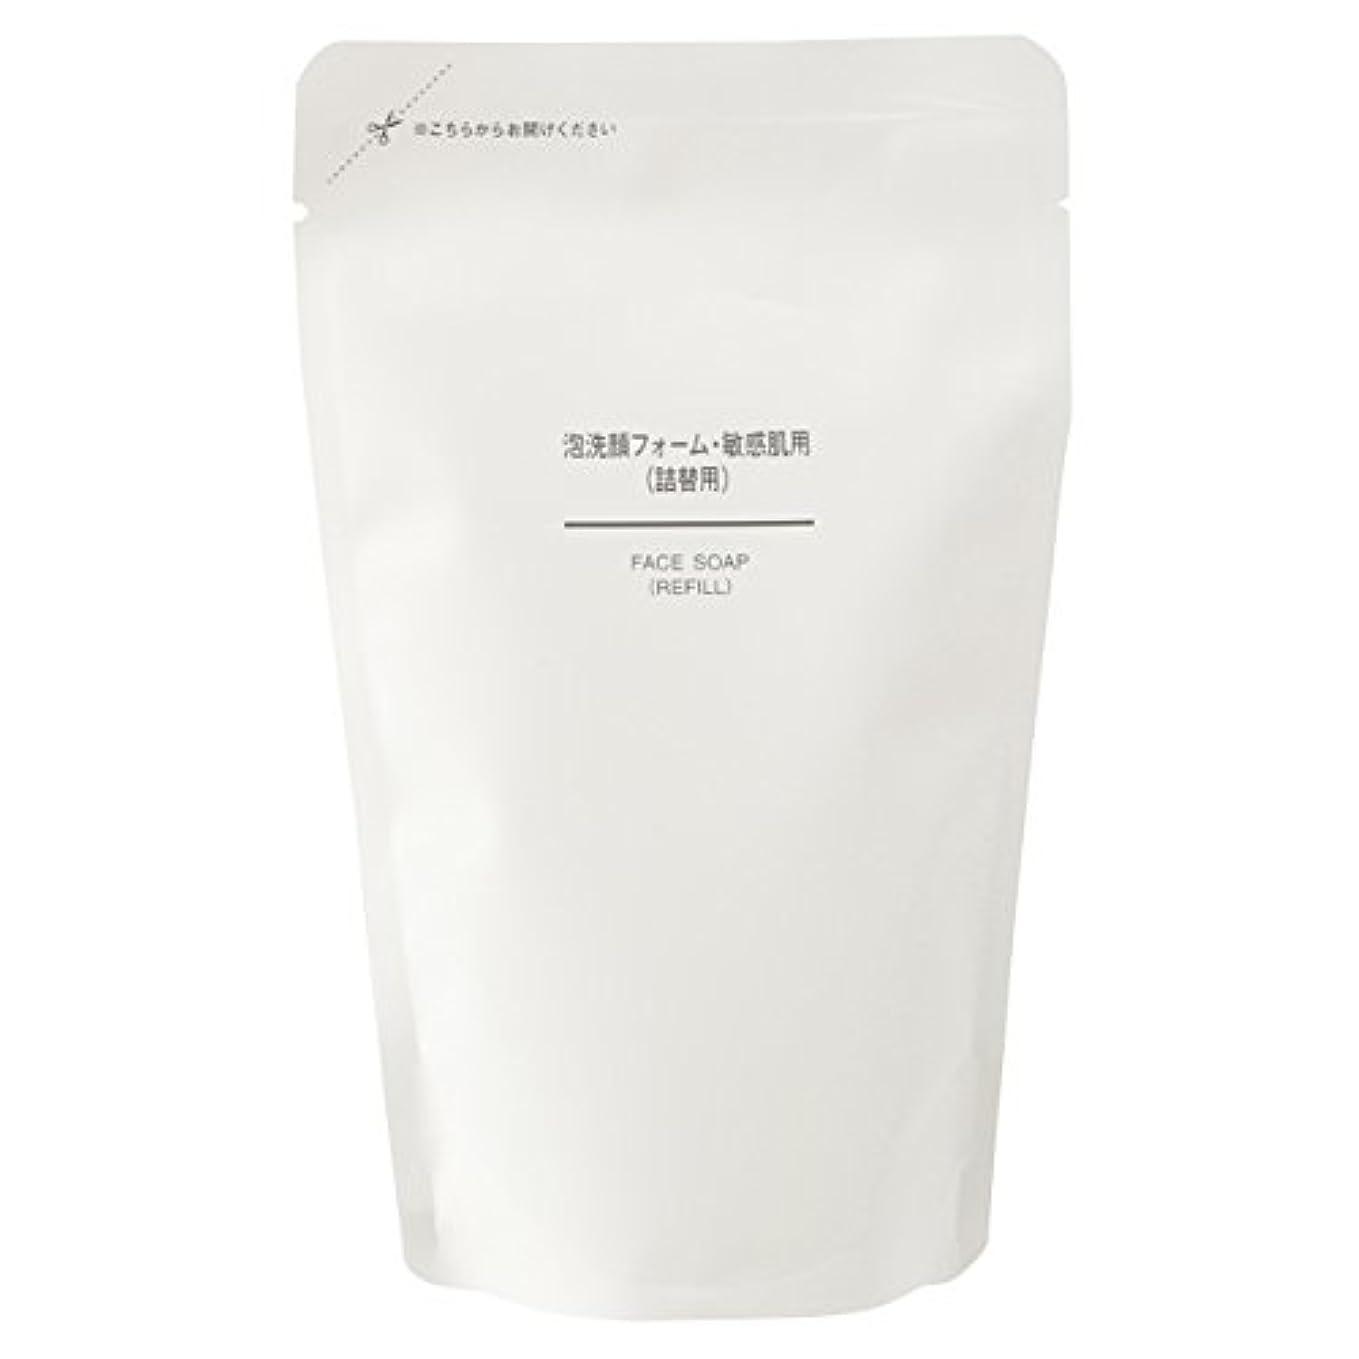 どこにでも説明的領事館無印良品 泡洗顔フォーム 敏感肌用(詰替用) 180ml